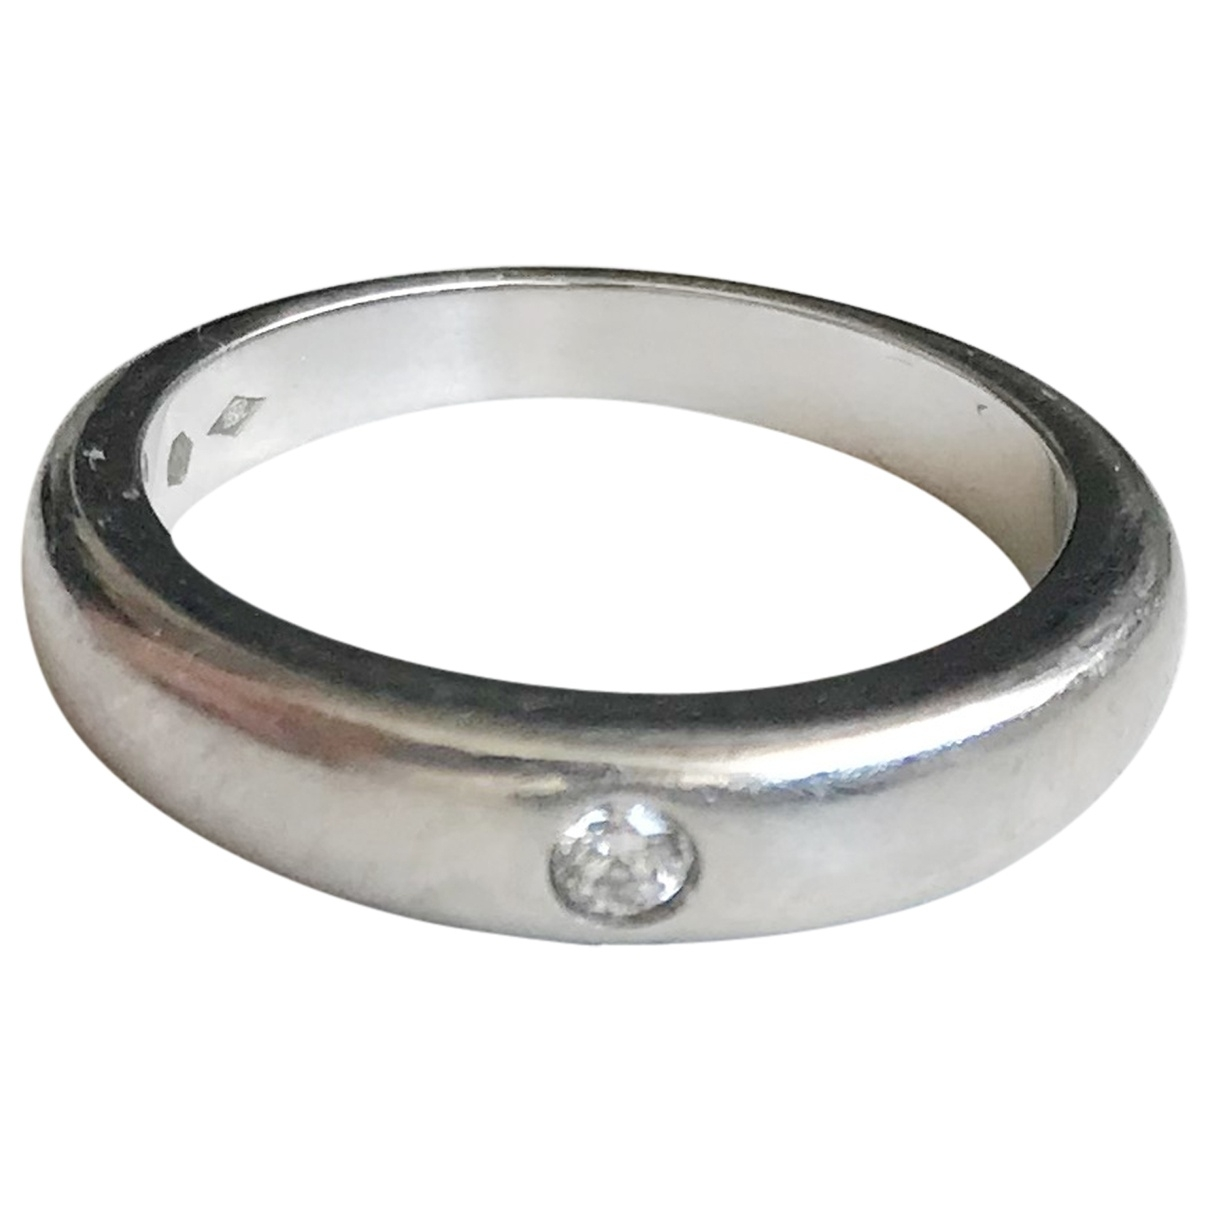 Van Cleef & Arpels \N Ring in  Silber Platin